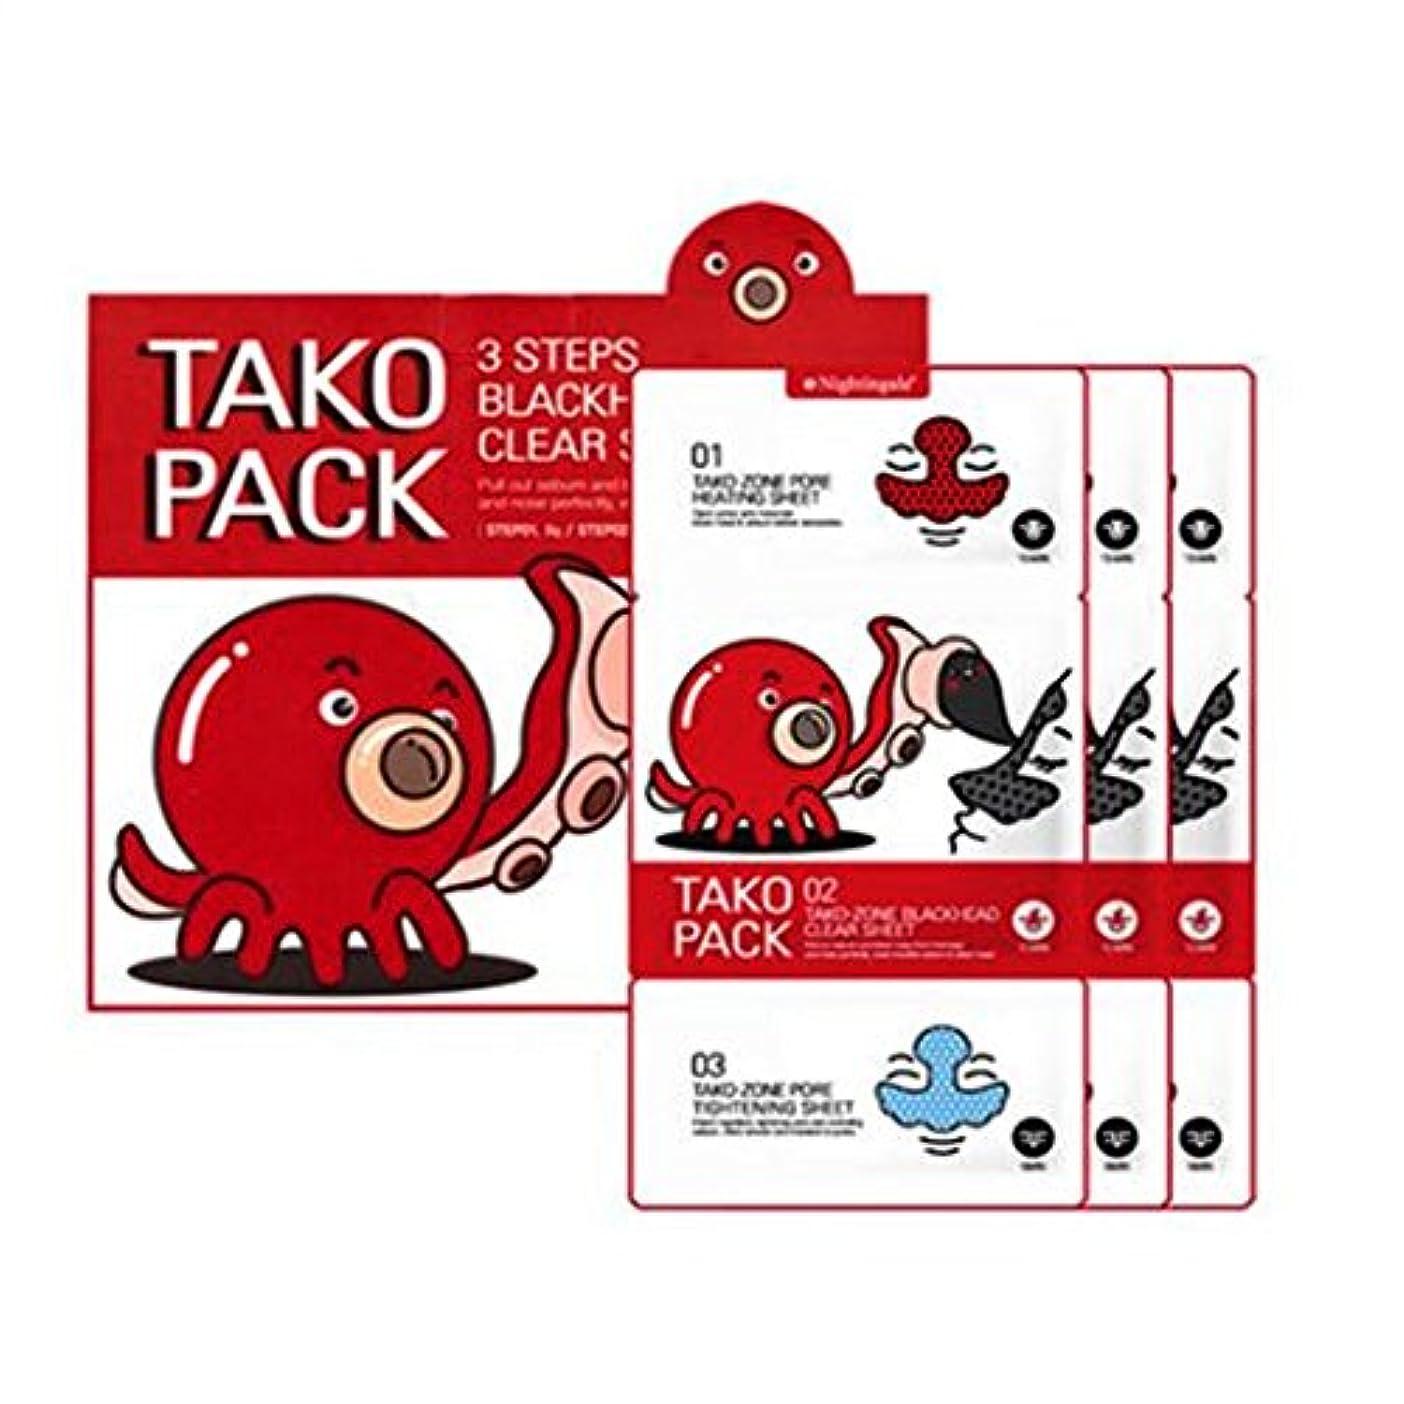 爆発する東方意味Nightingale 3Step Tako Pack 3EA/ナイチンゲール 3ステップ タコ パック [タコ吸着パック] 3回分 [並行輸入品]